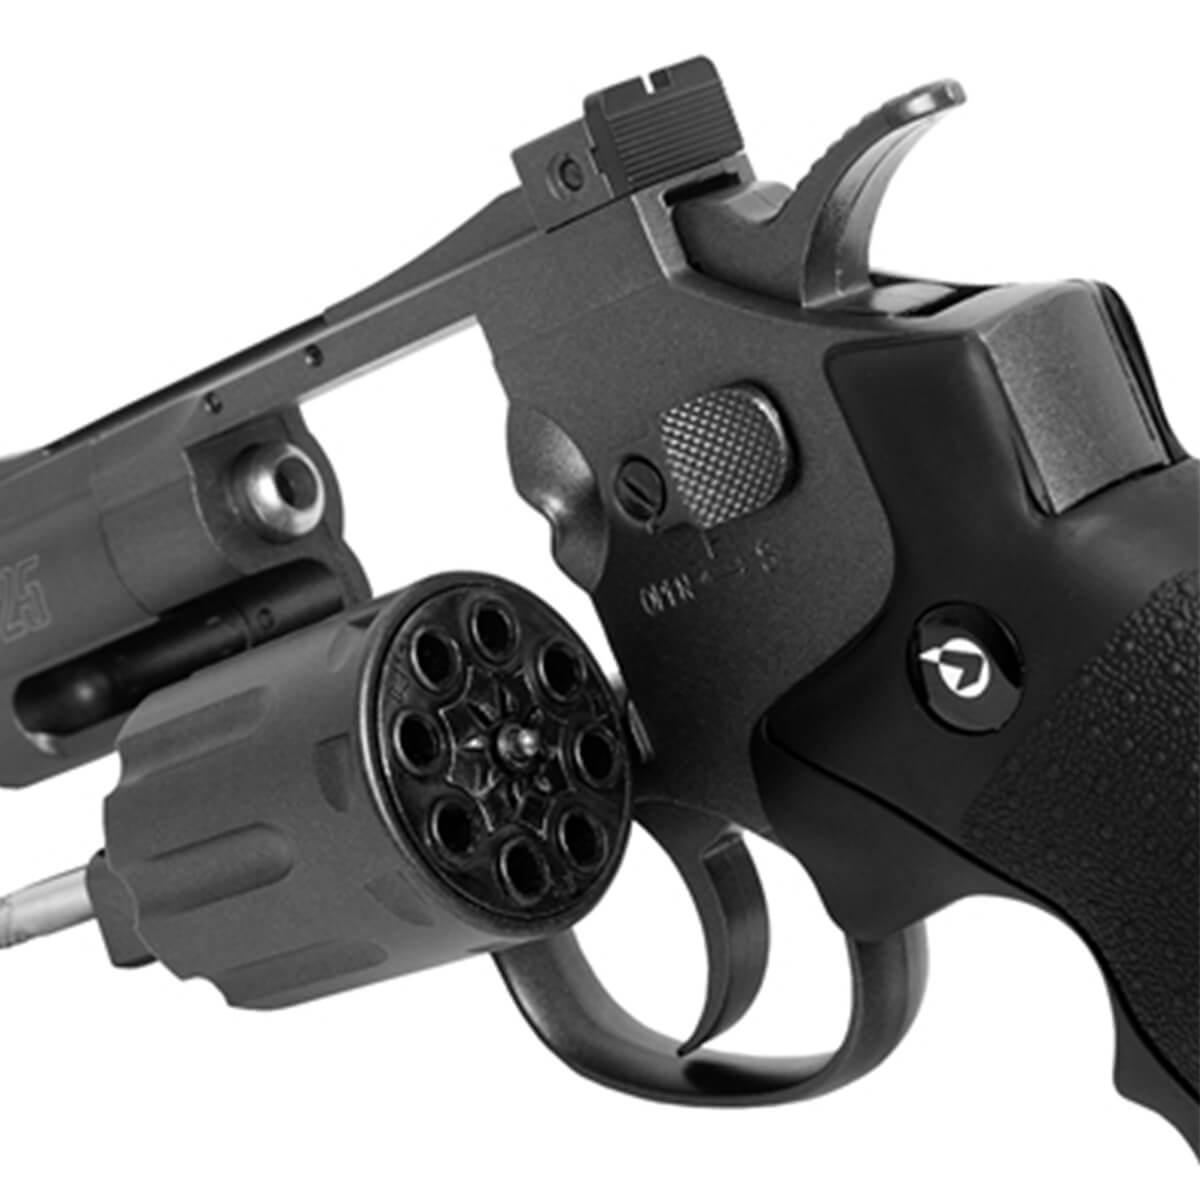 Revólver de Pressão CO2 Gamo  PR-725 calibre 4,5mm Chumbinho